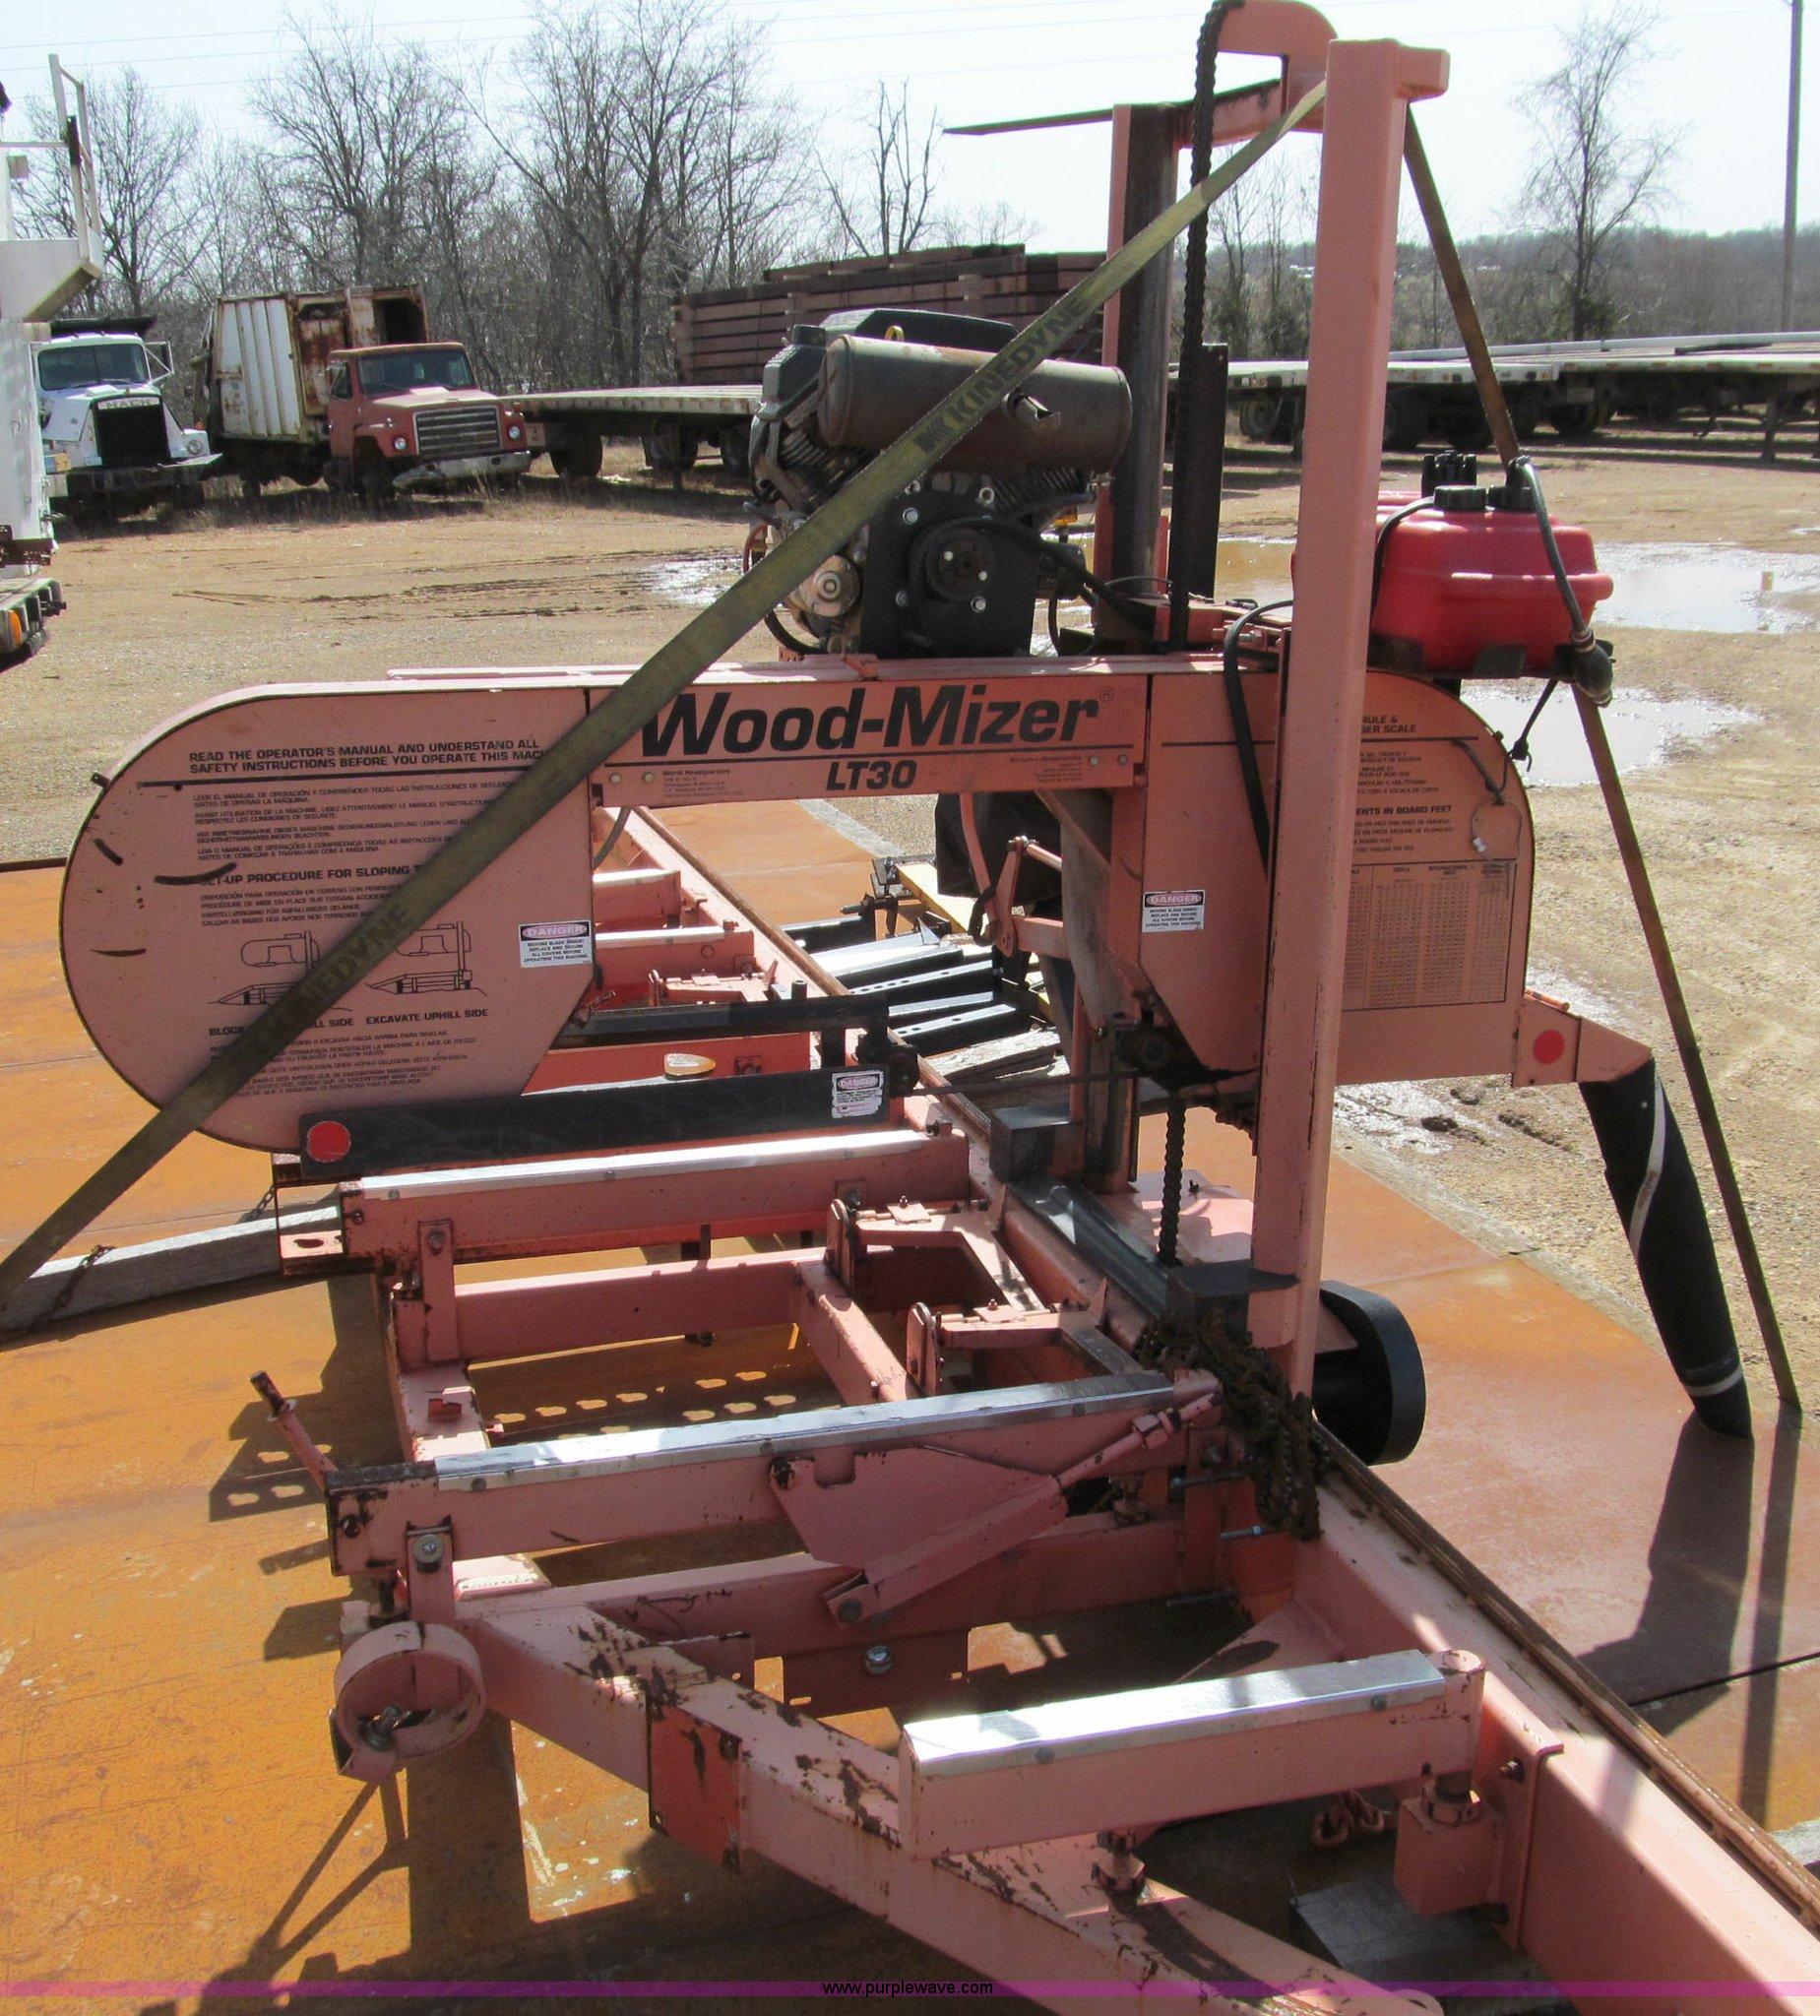 Woodmizer Sawmill For Sale >> 1997 Wood Mizer Lt30 Sawmill Item D3080 Sold April 18 M